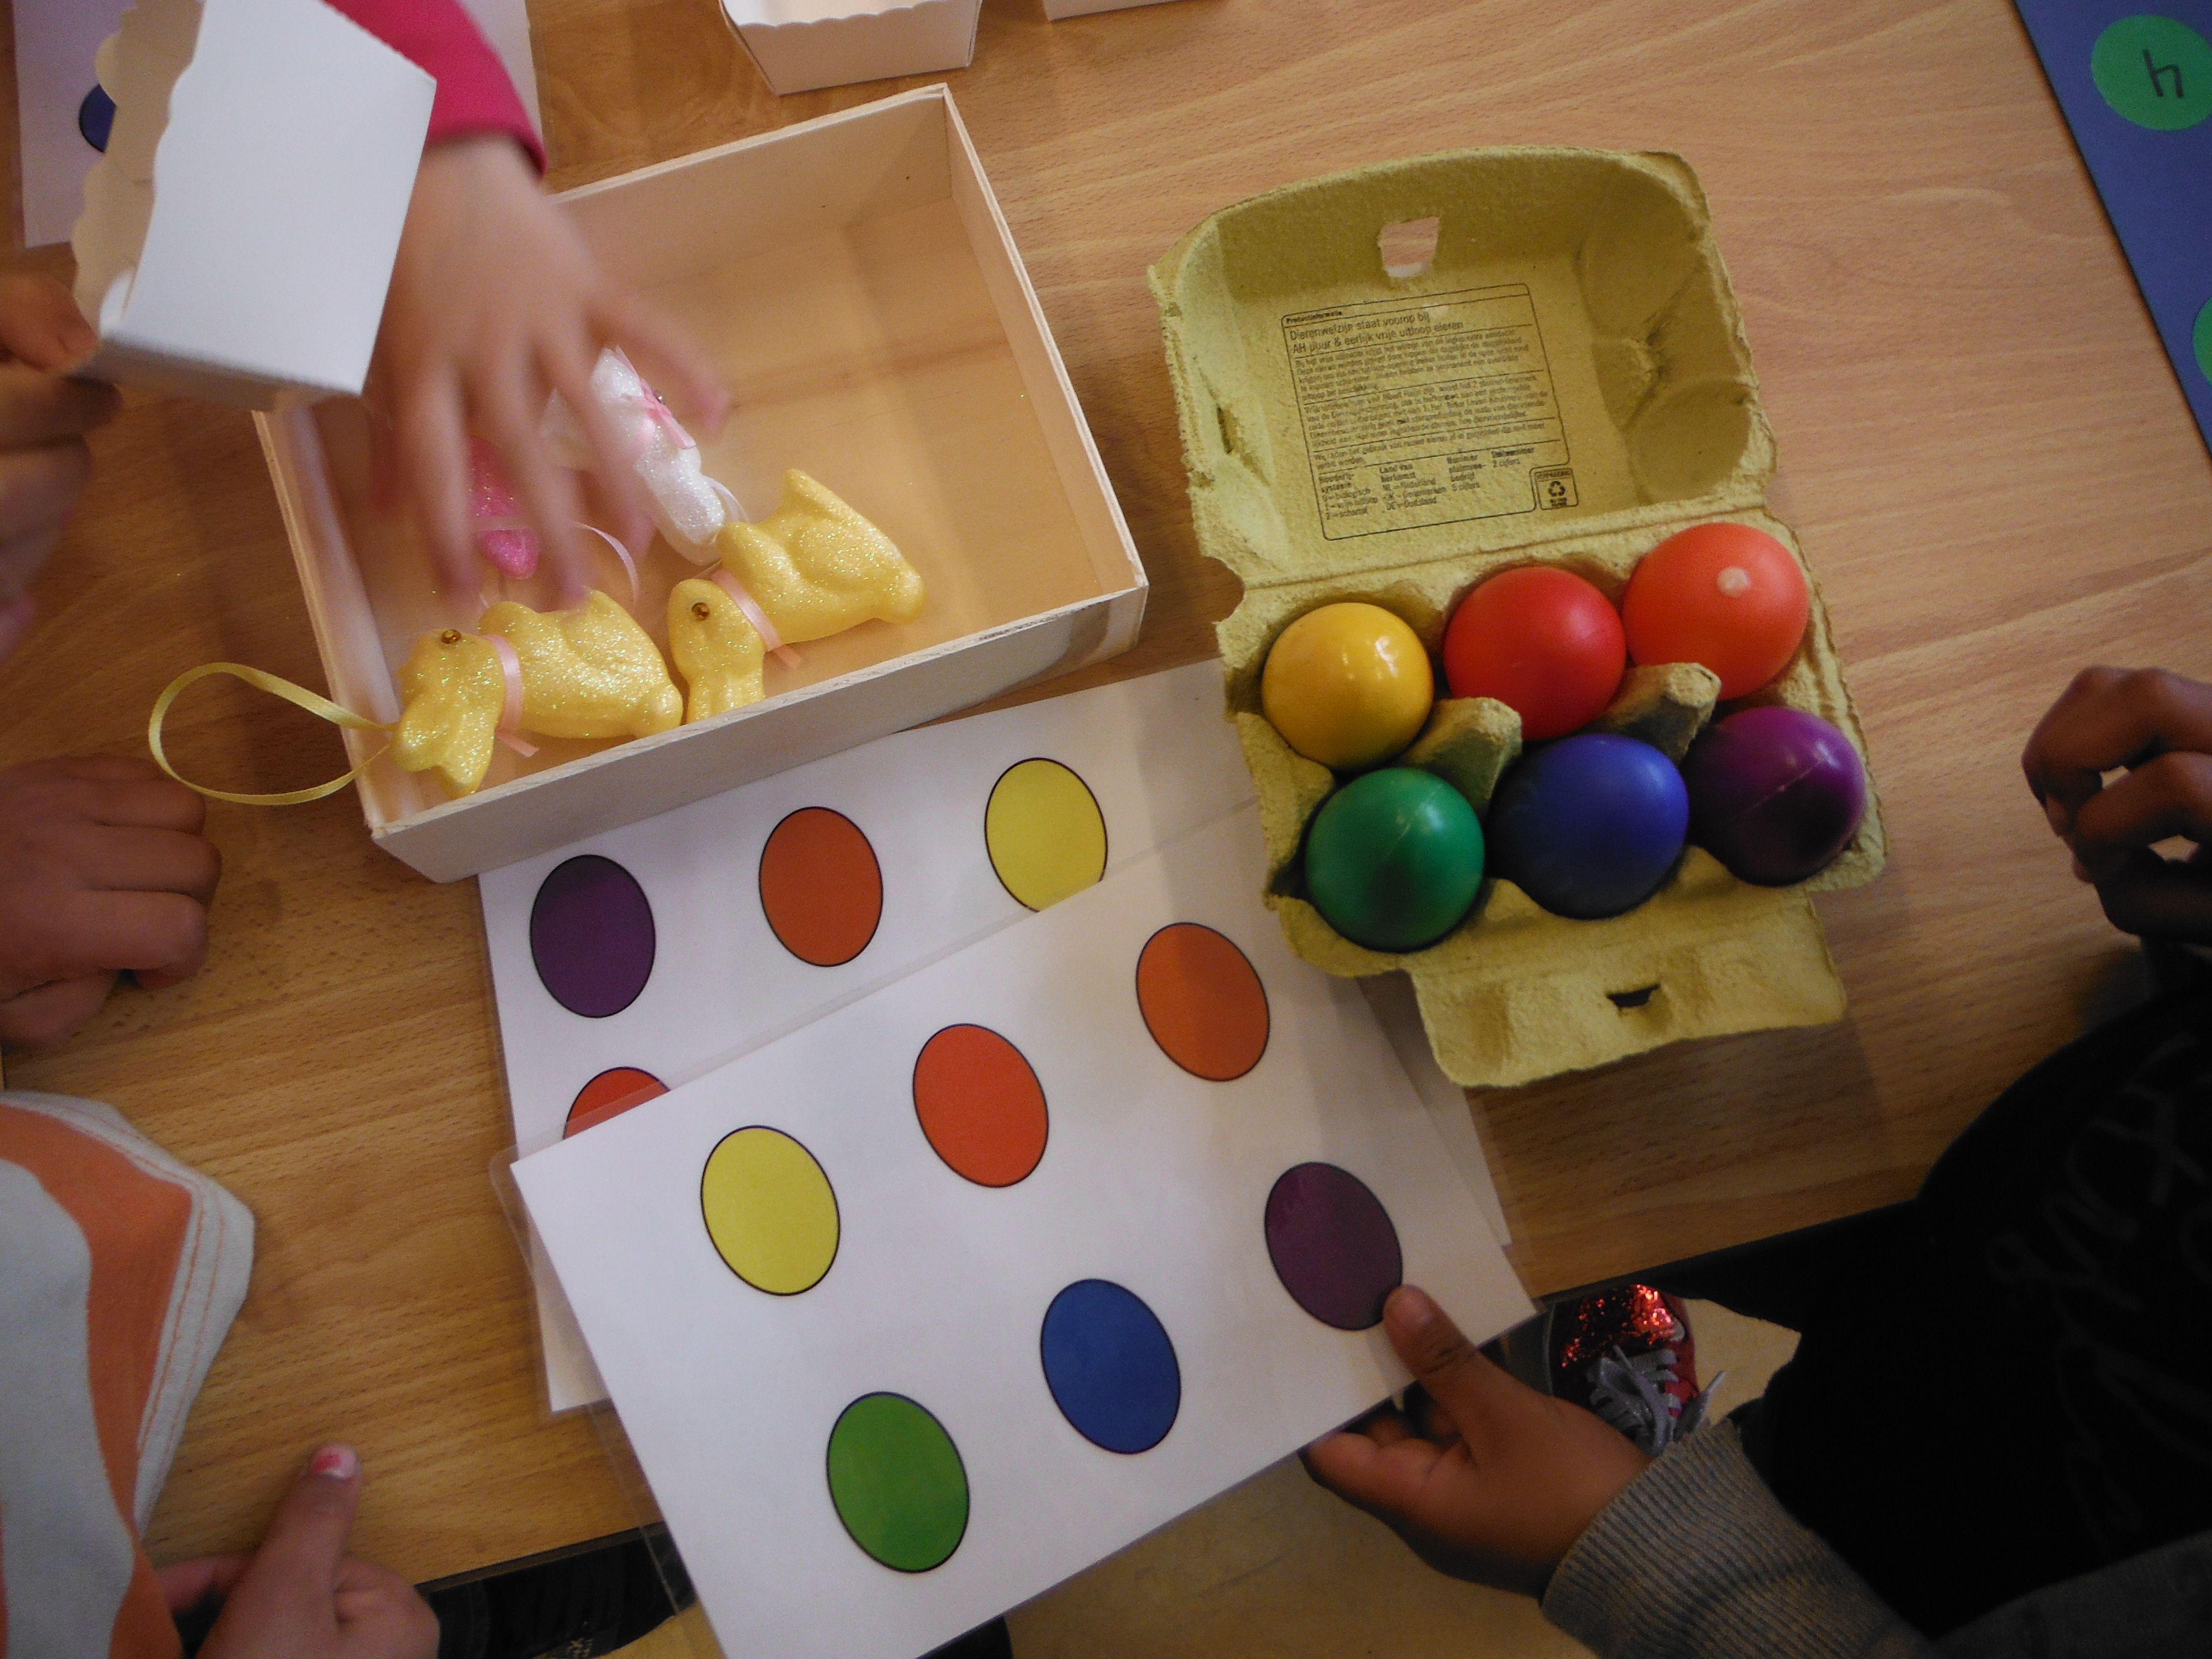 Afbeeldingsresultaat voor gekleurde eitjes naleggen